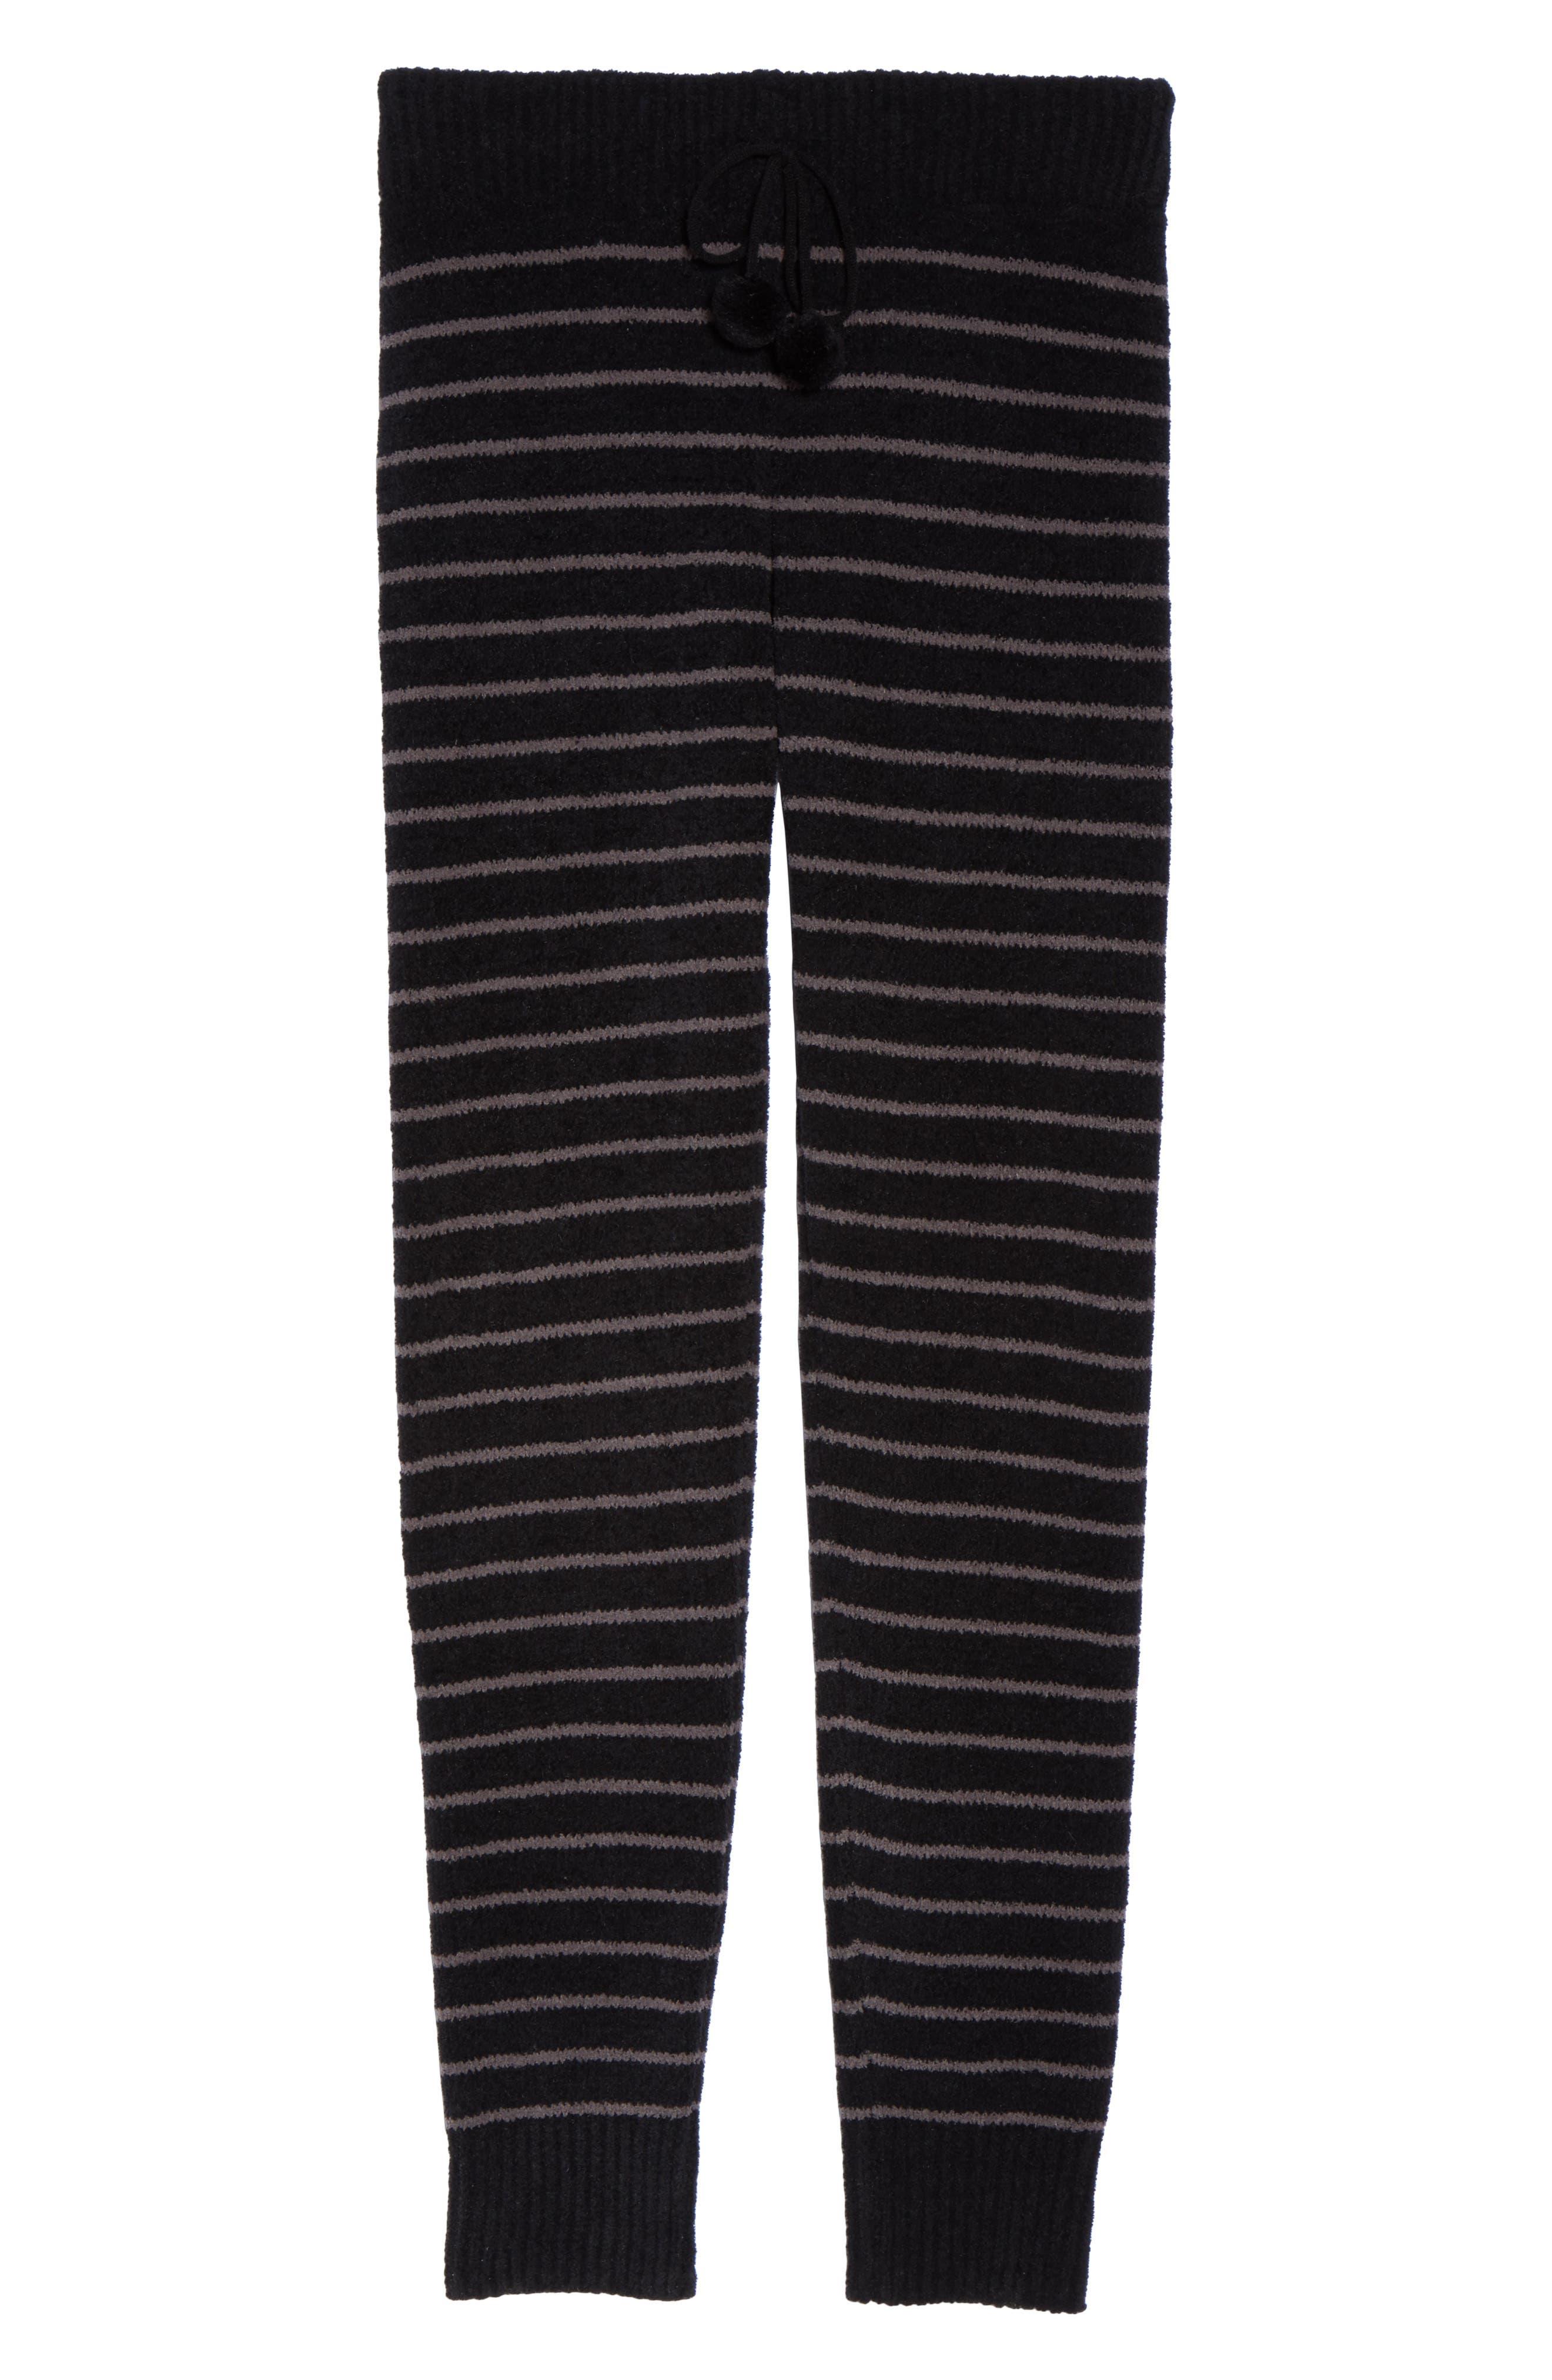 Marshmallow Lounge Jogger Pants,                             Alternate thumbnail 6, color,                             001